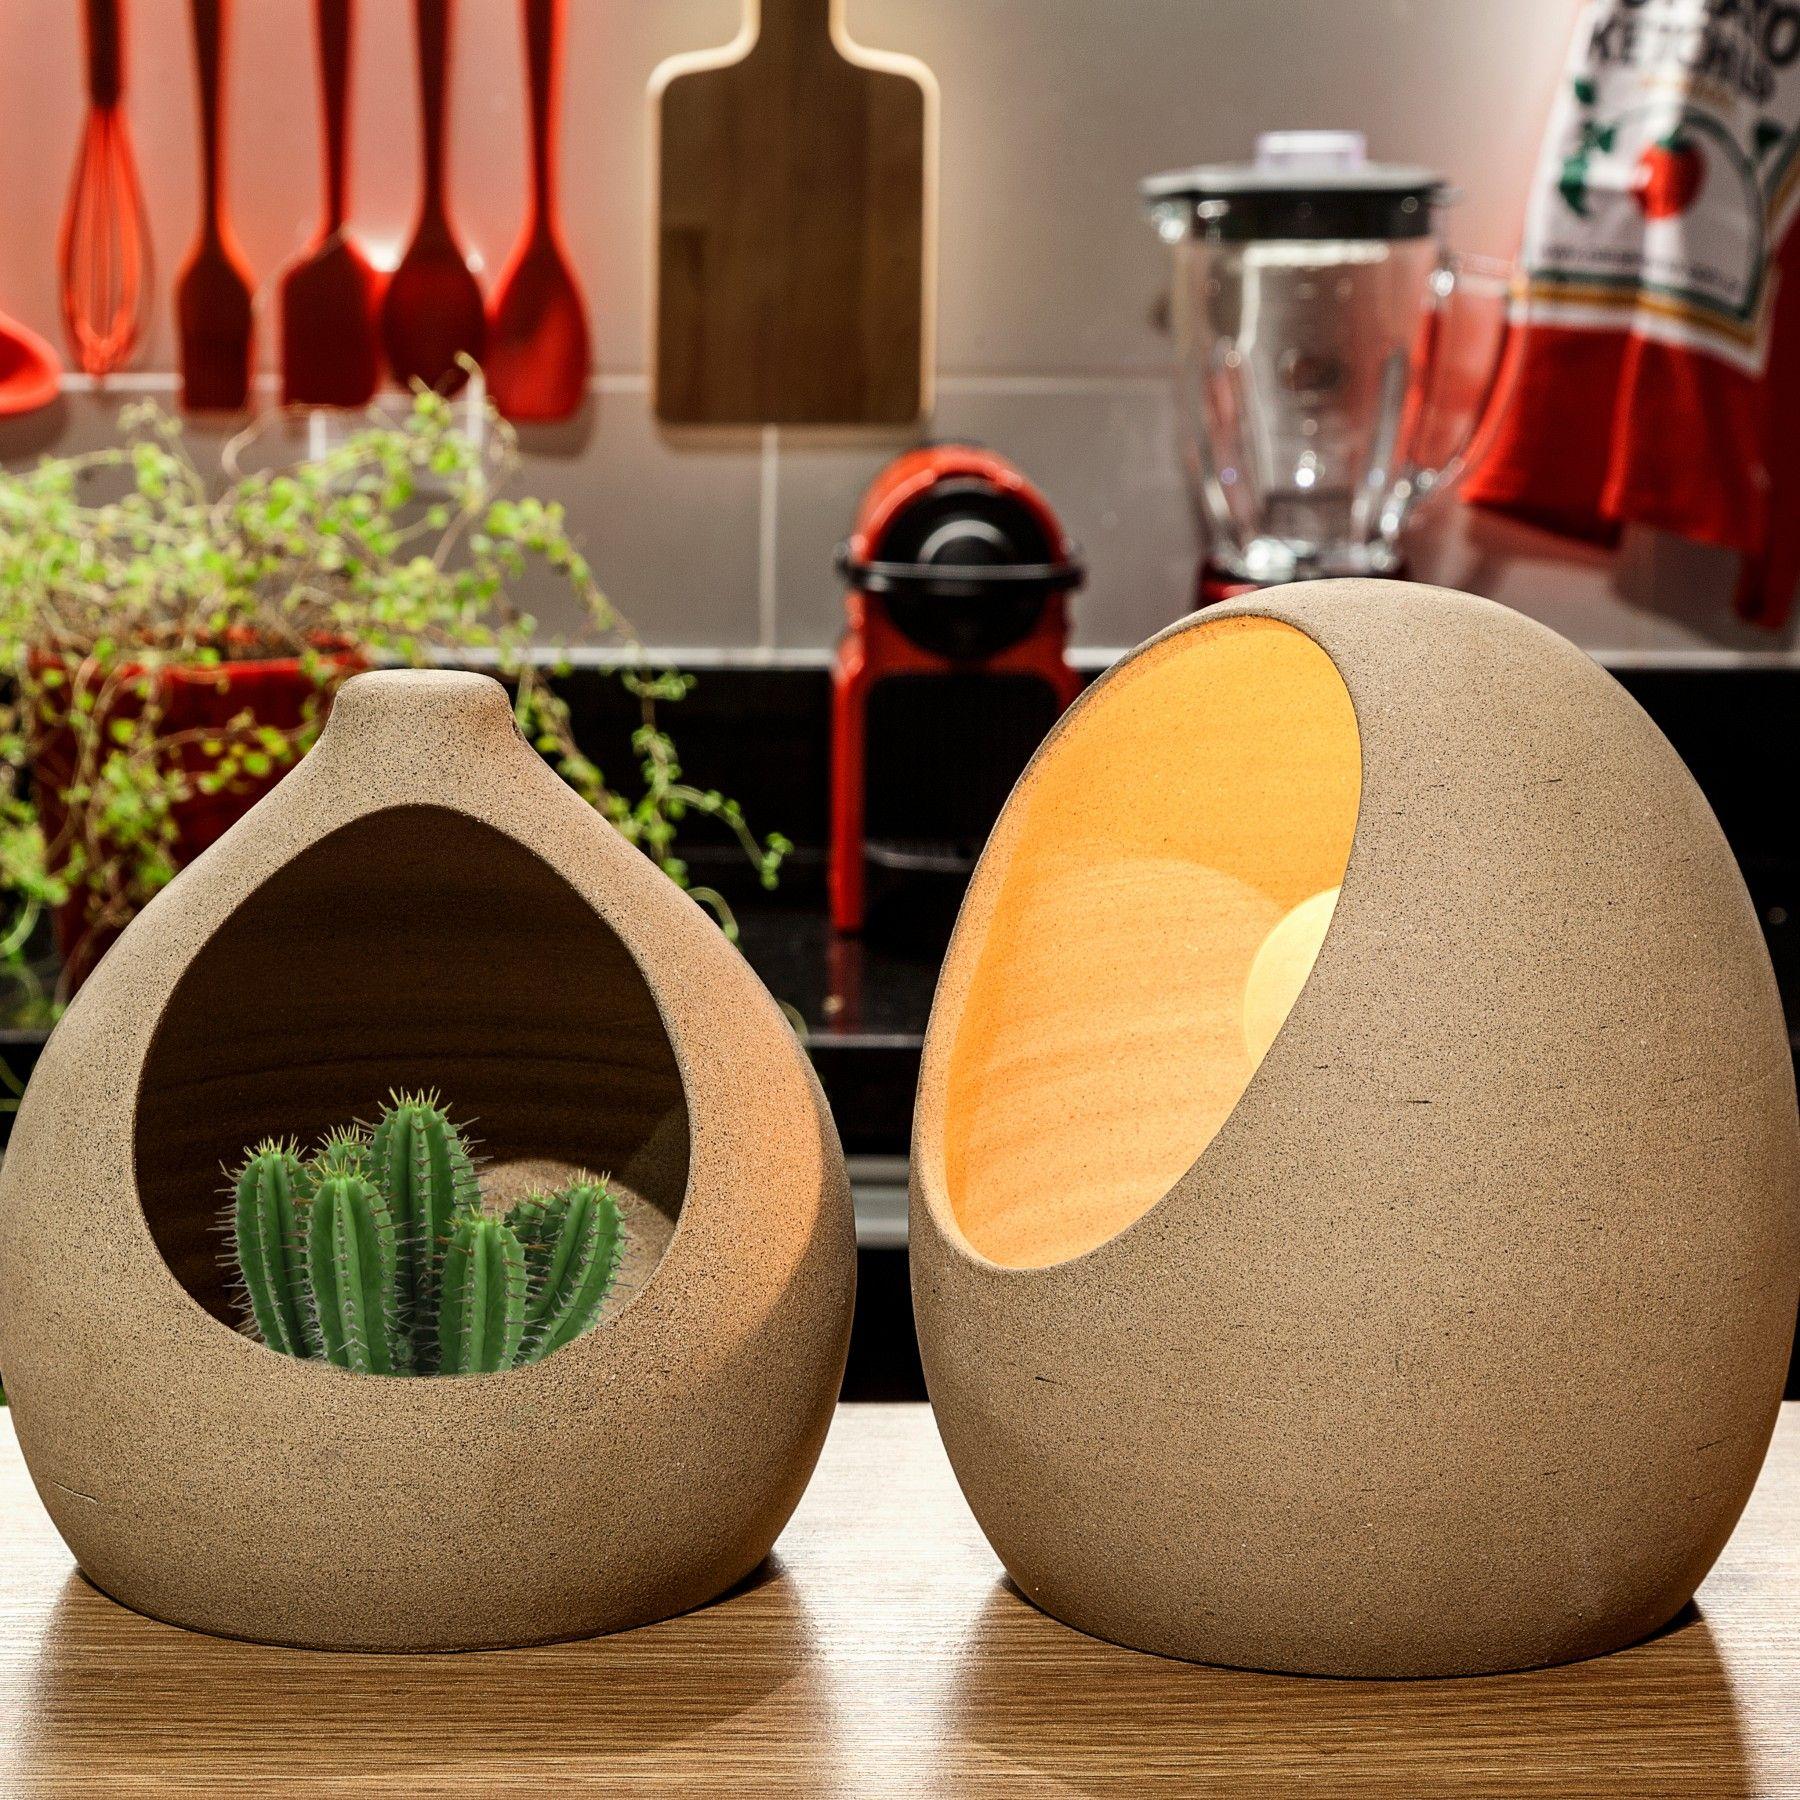 Cocriação Reboh Design e Estúdio Iludi, o conjunto Luminária Ovo e Jardim Oca busca a forma ideal da natureza, resultado das formas inspiradas nas casinhas do Joao-de-barro.